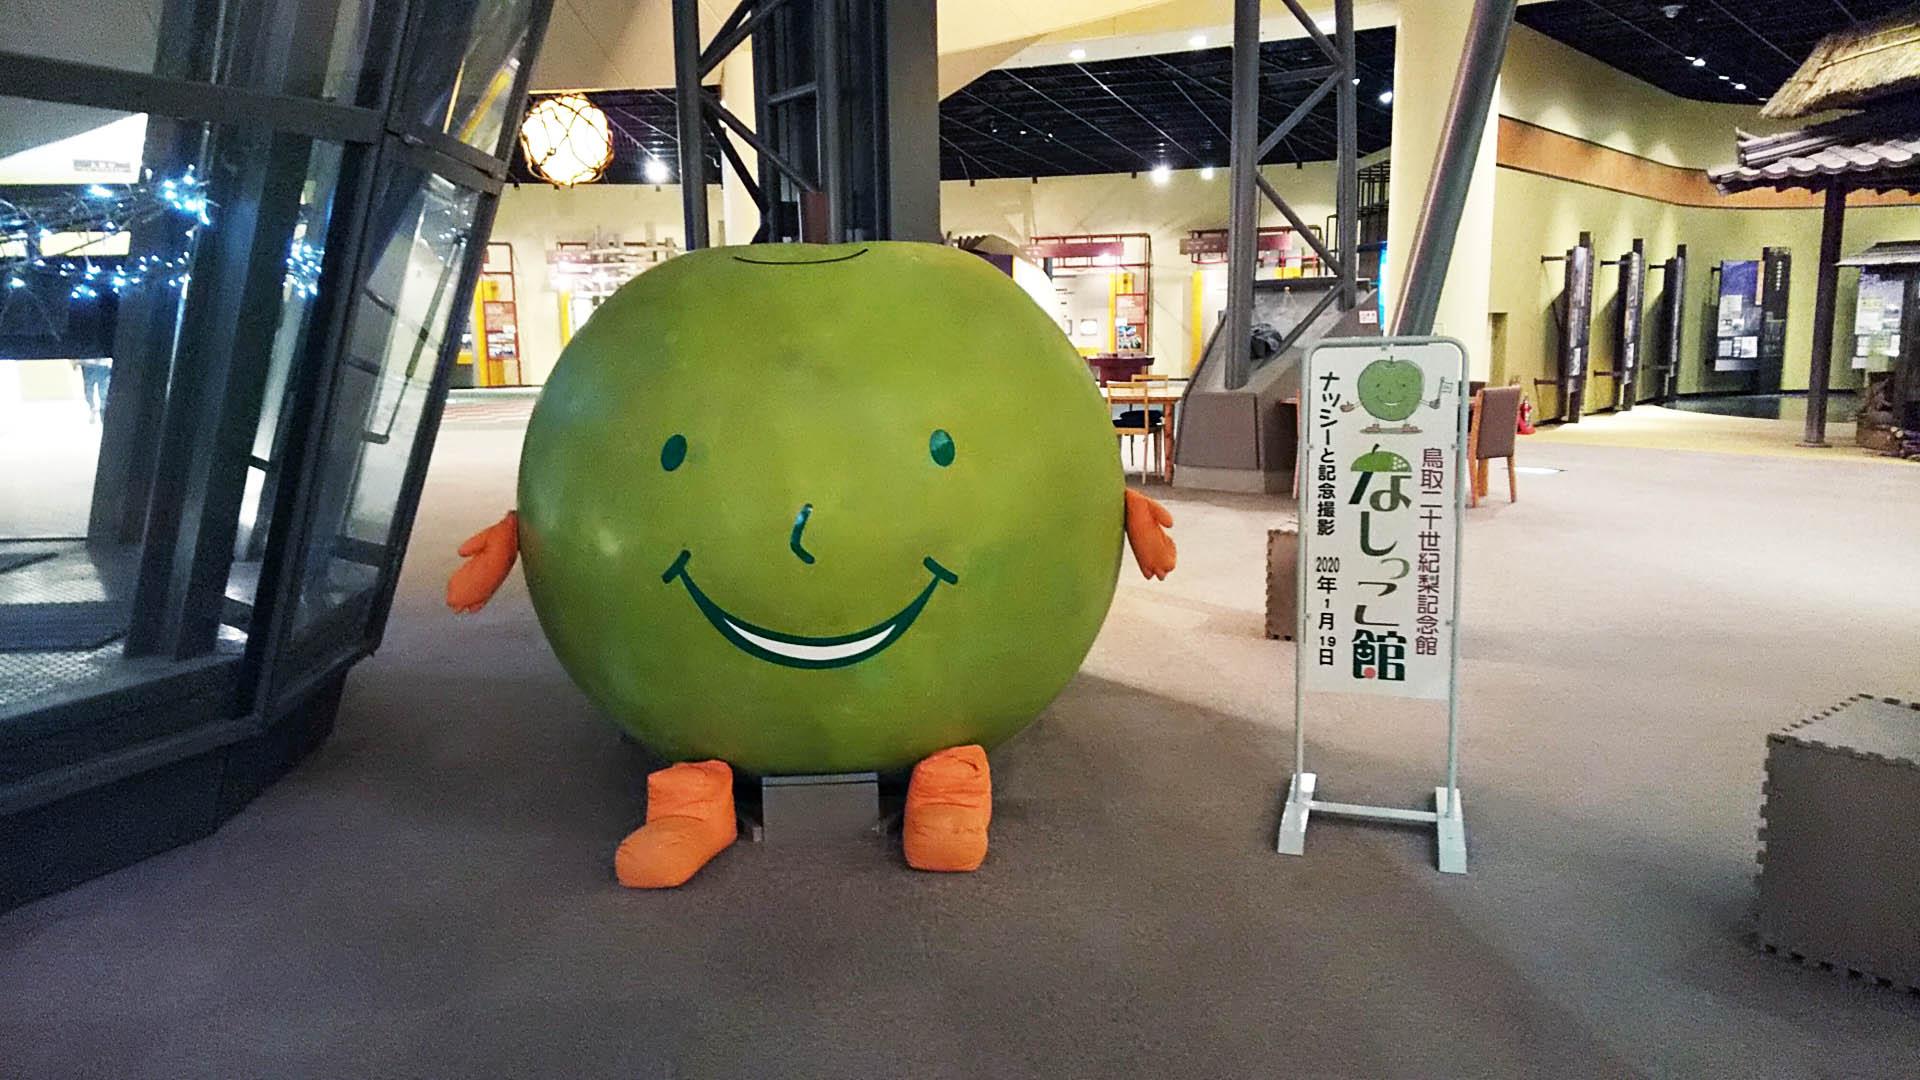 日本で唯一のミュージアム「なしっこ館」in 鳥取県